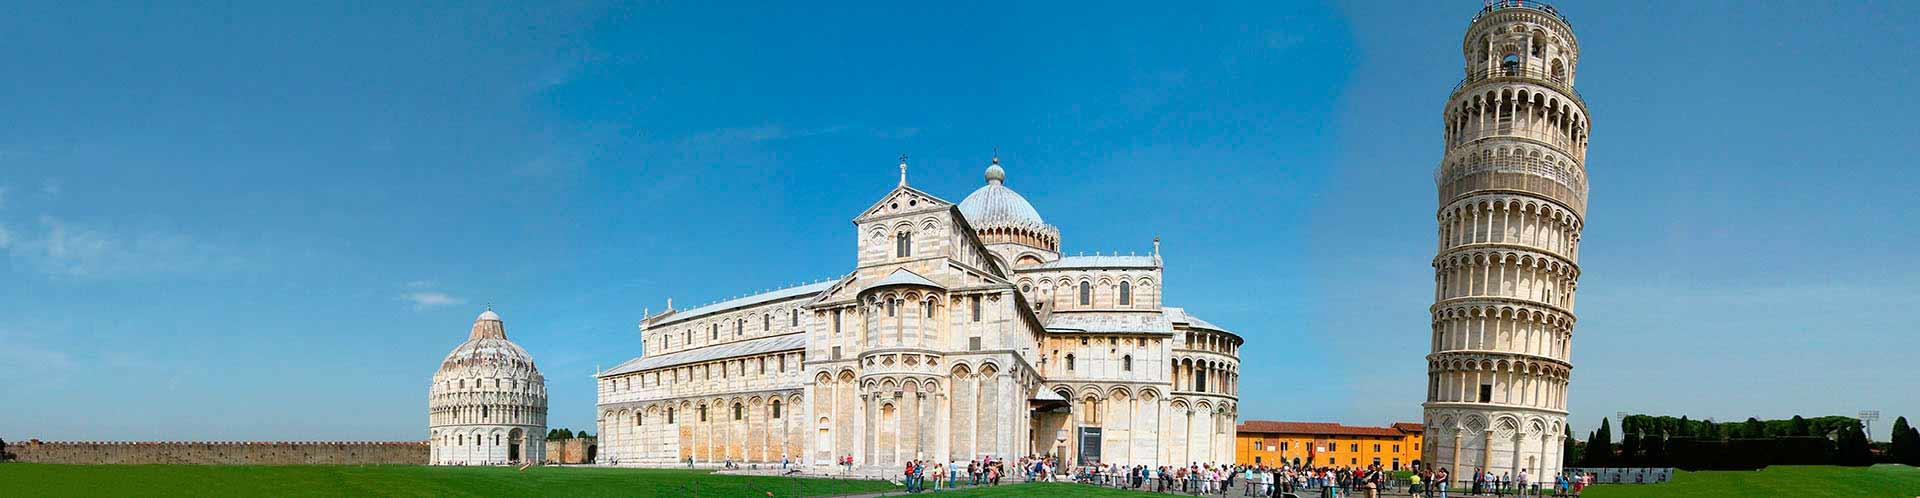 Free Tour Pisa - Turismo Italia